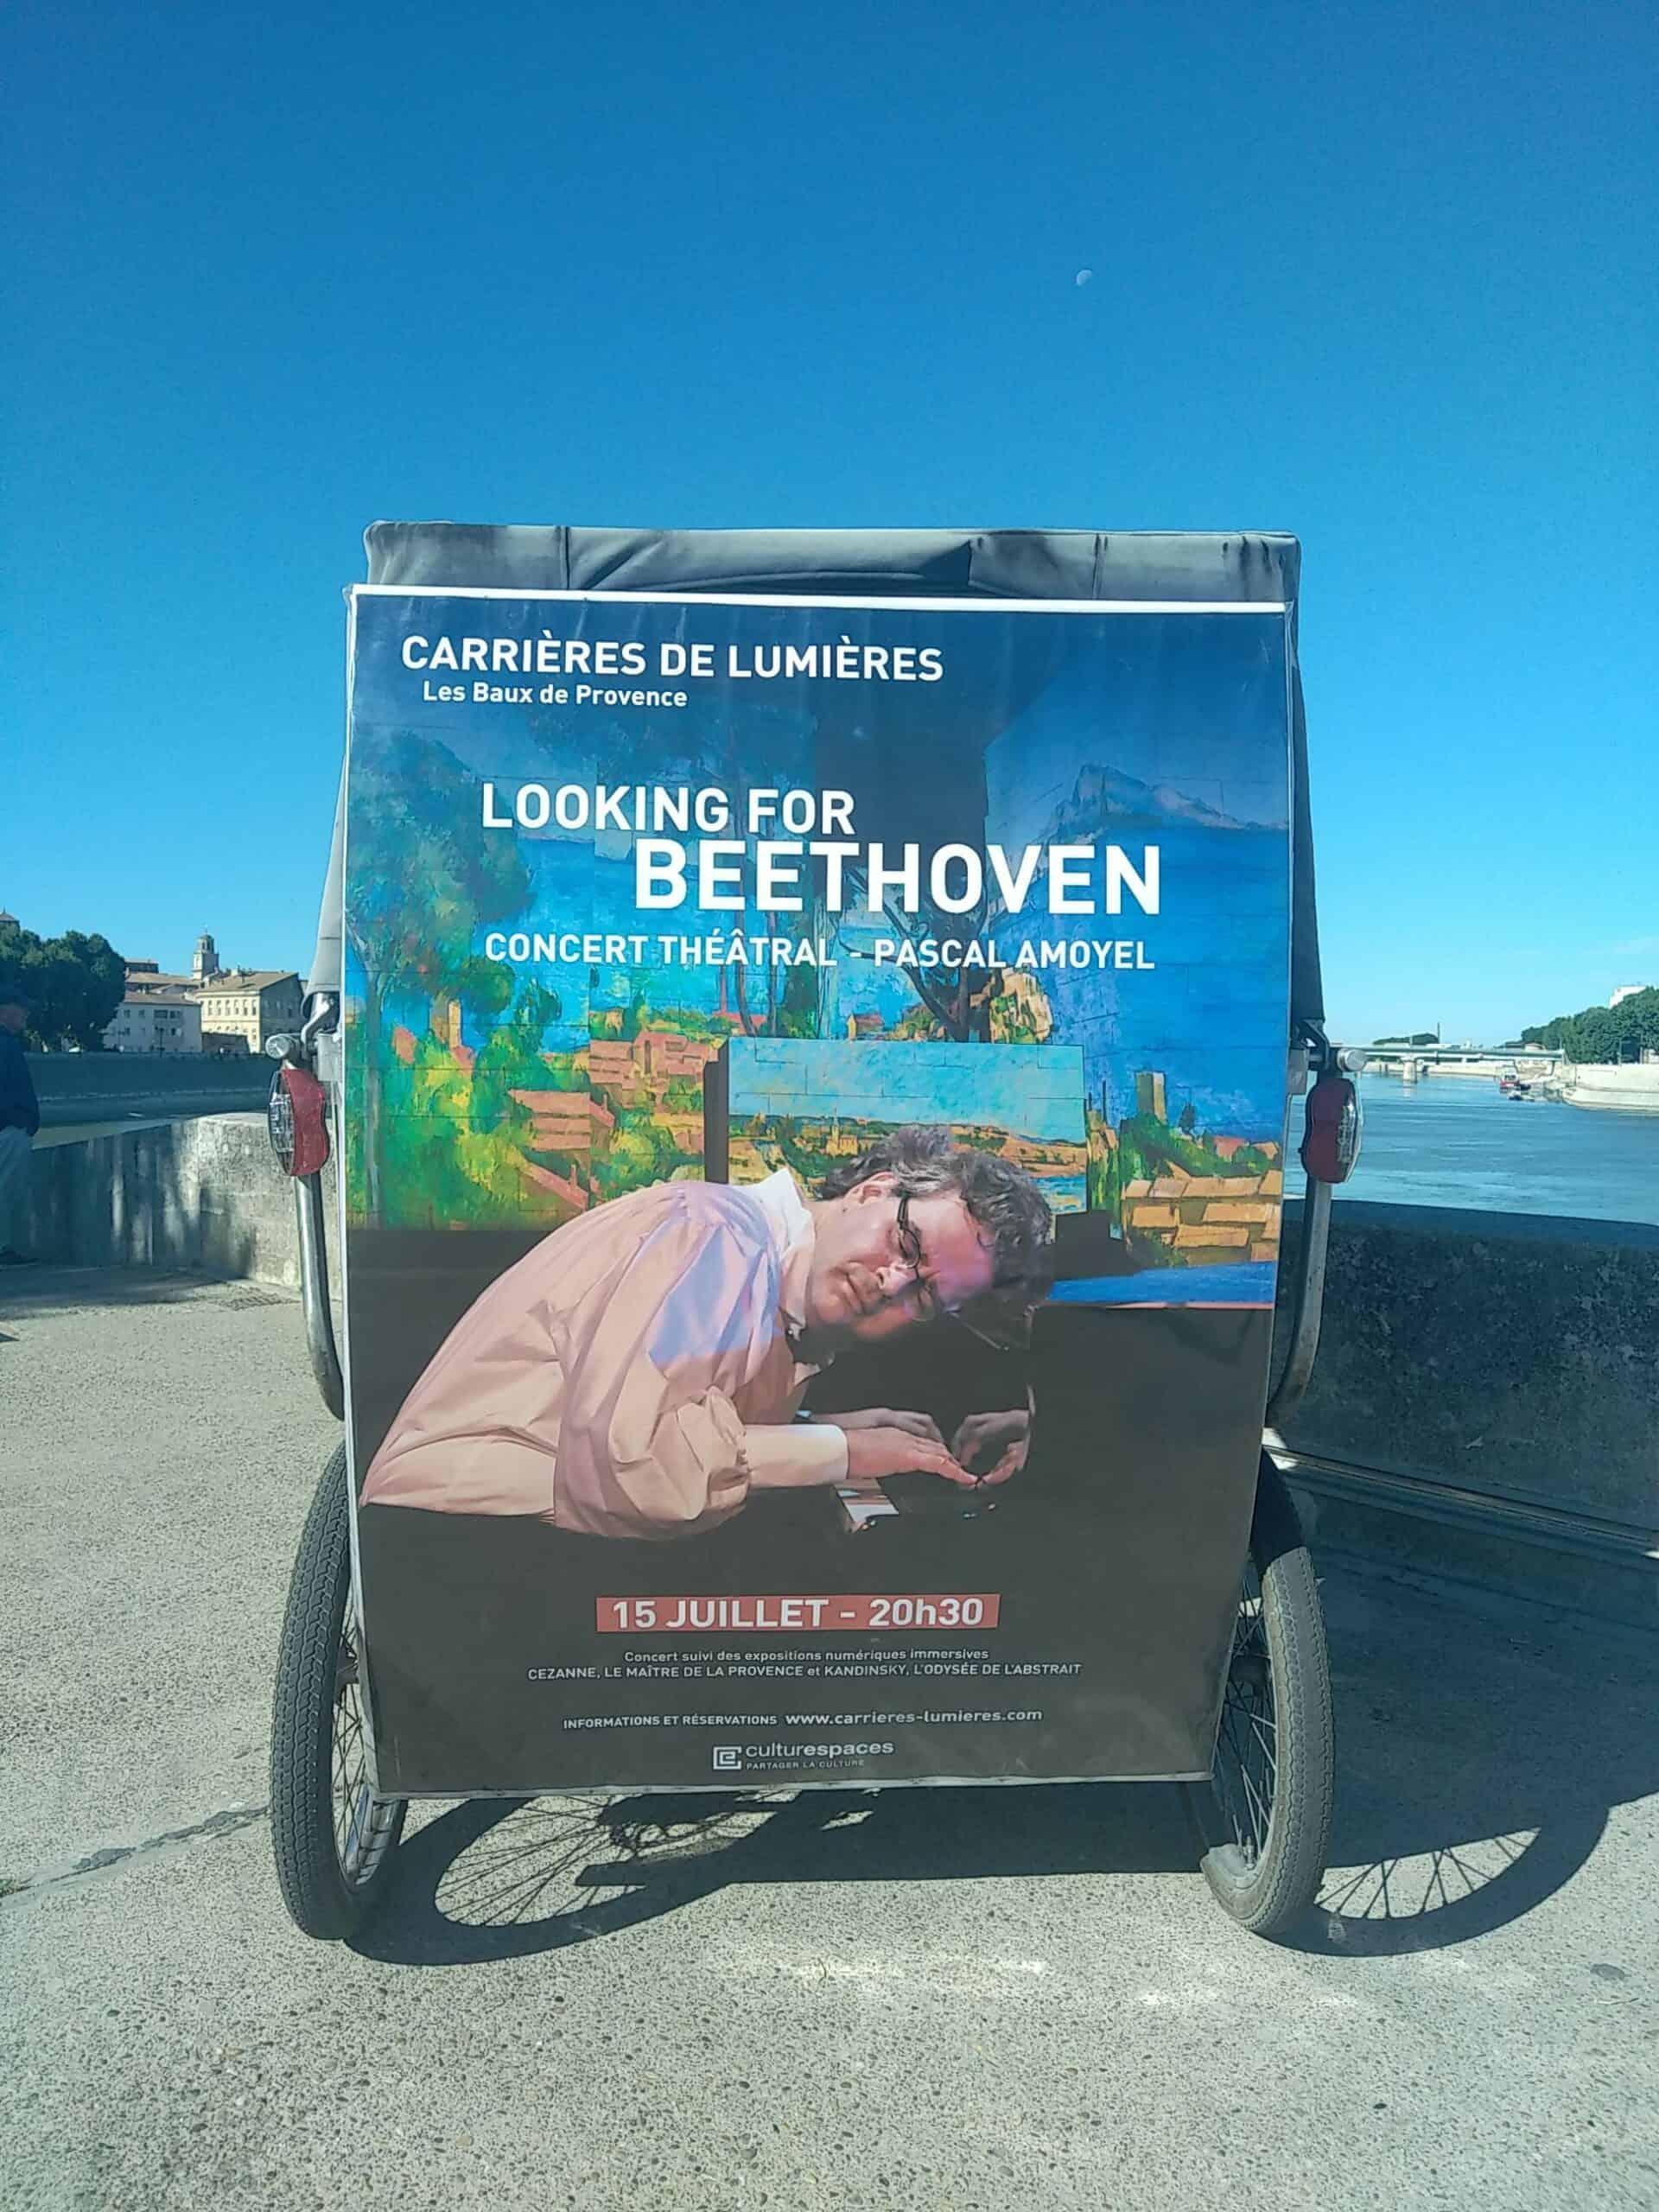 Un spectacle à ne pas manquer aux Carrières de Lumières des Baux-de-Provence